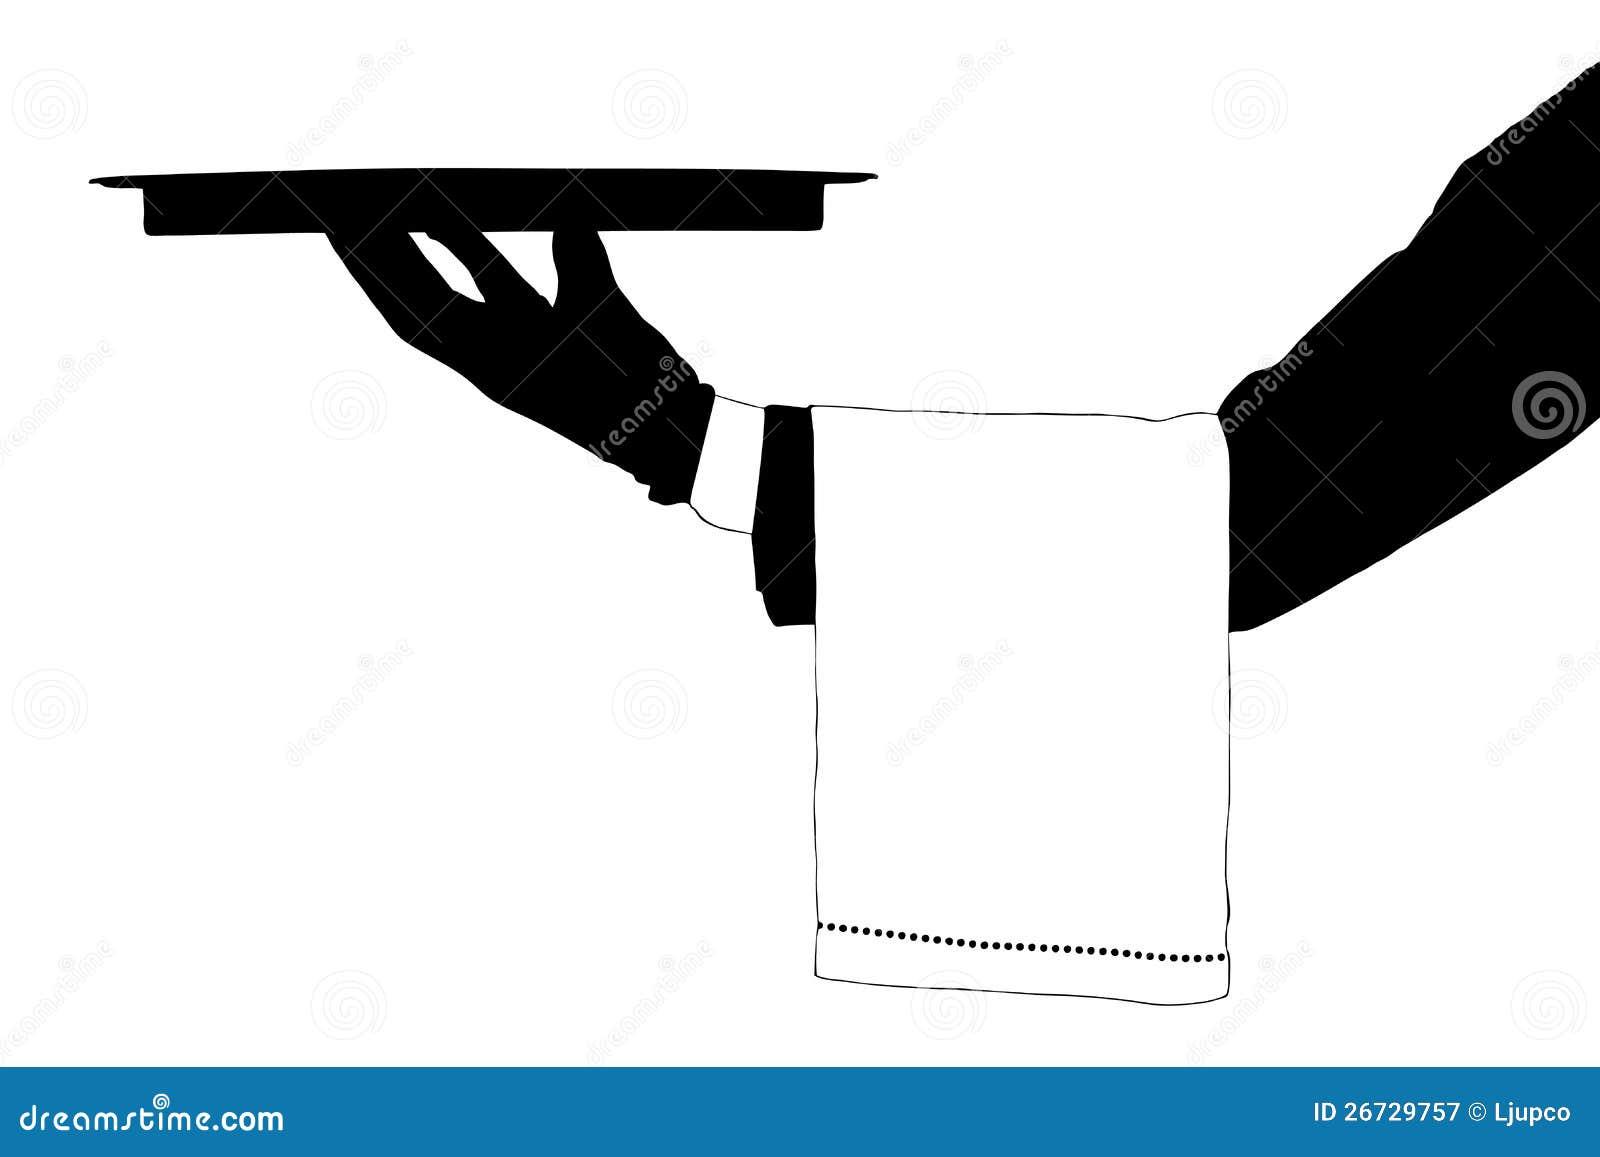 X art hand job